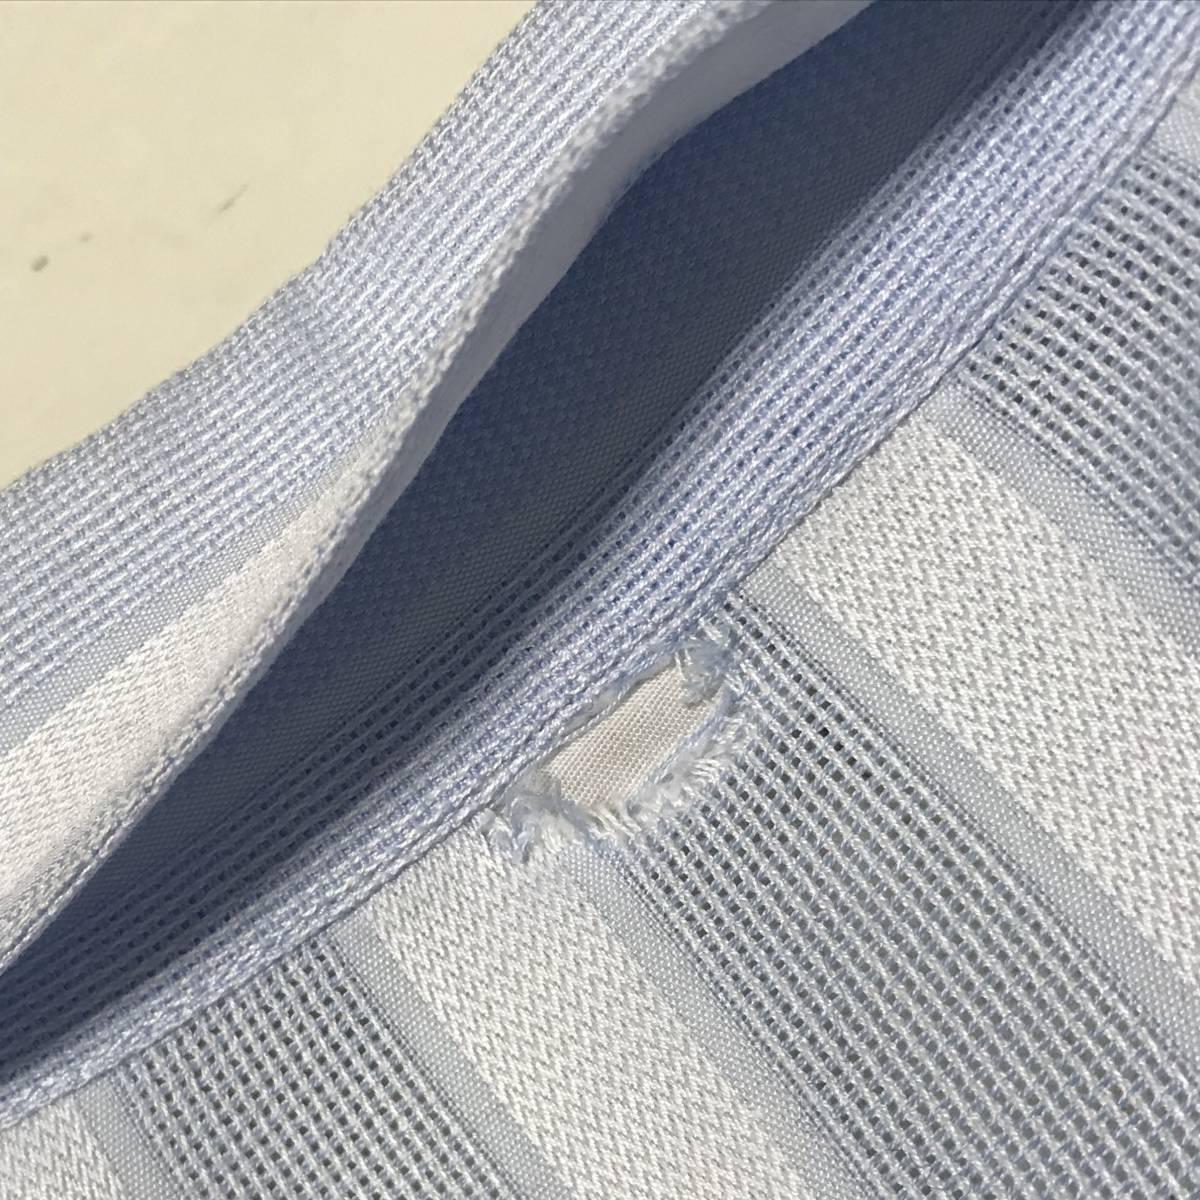 ★Gianni Versace/ヴェルサーチ★メンズ ストライプ柄 長袖 シャツ レギュラーカラー ブロード 水色 ライトブルー ドレスシャツ ワイシャツ_画像6